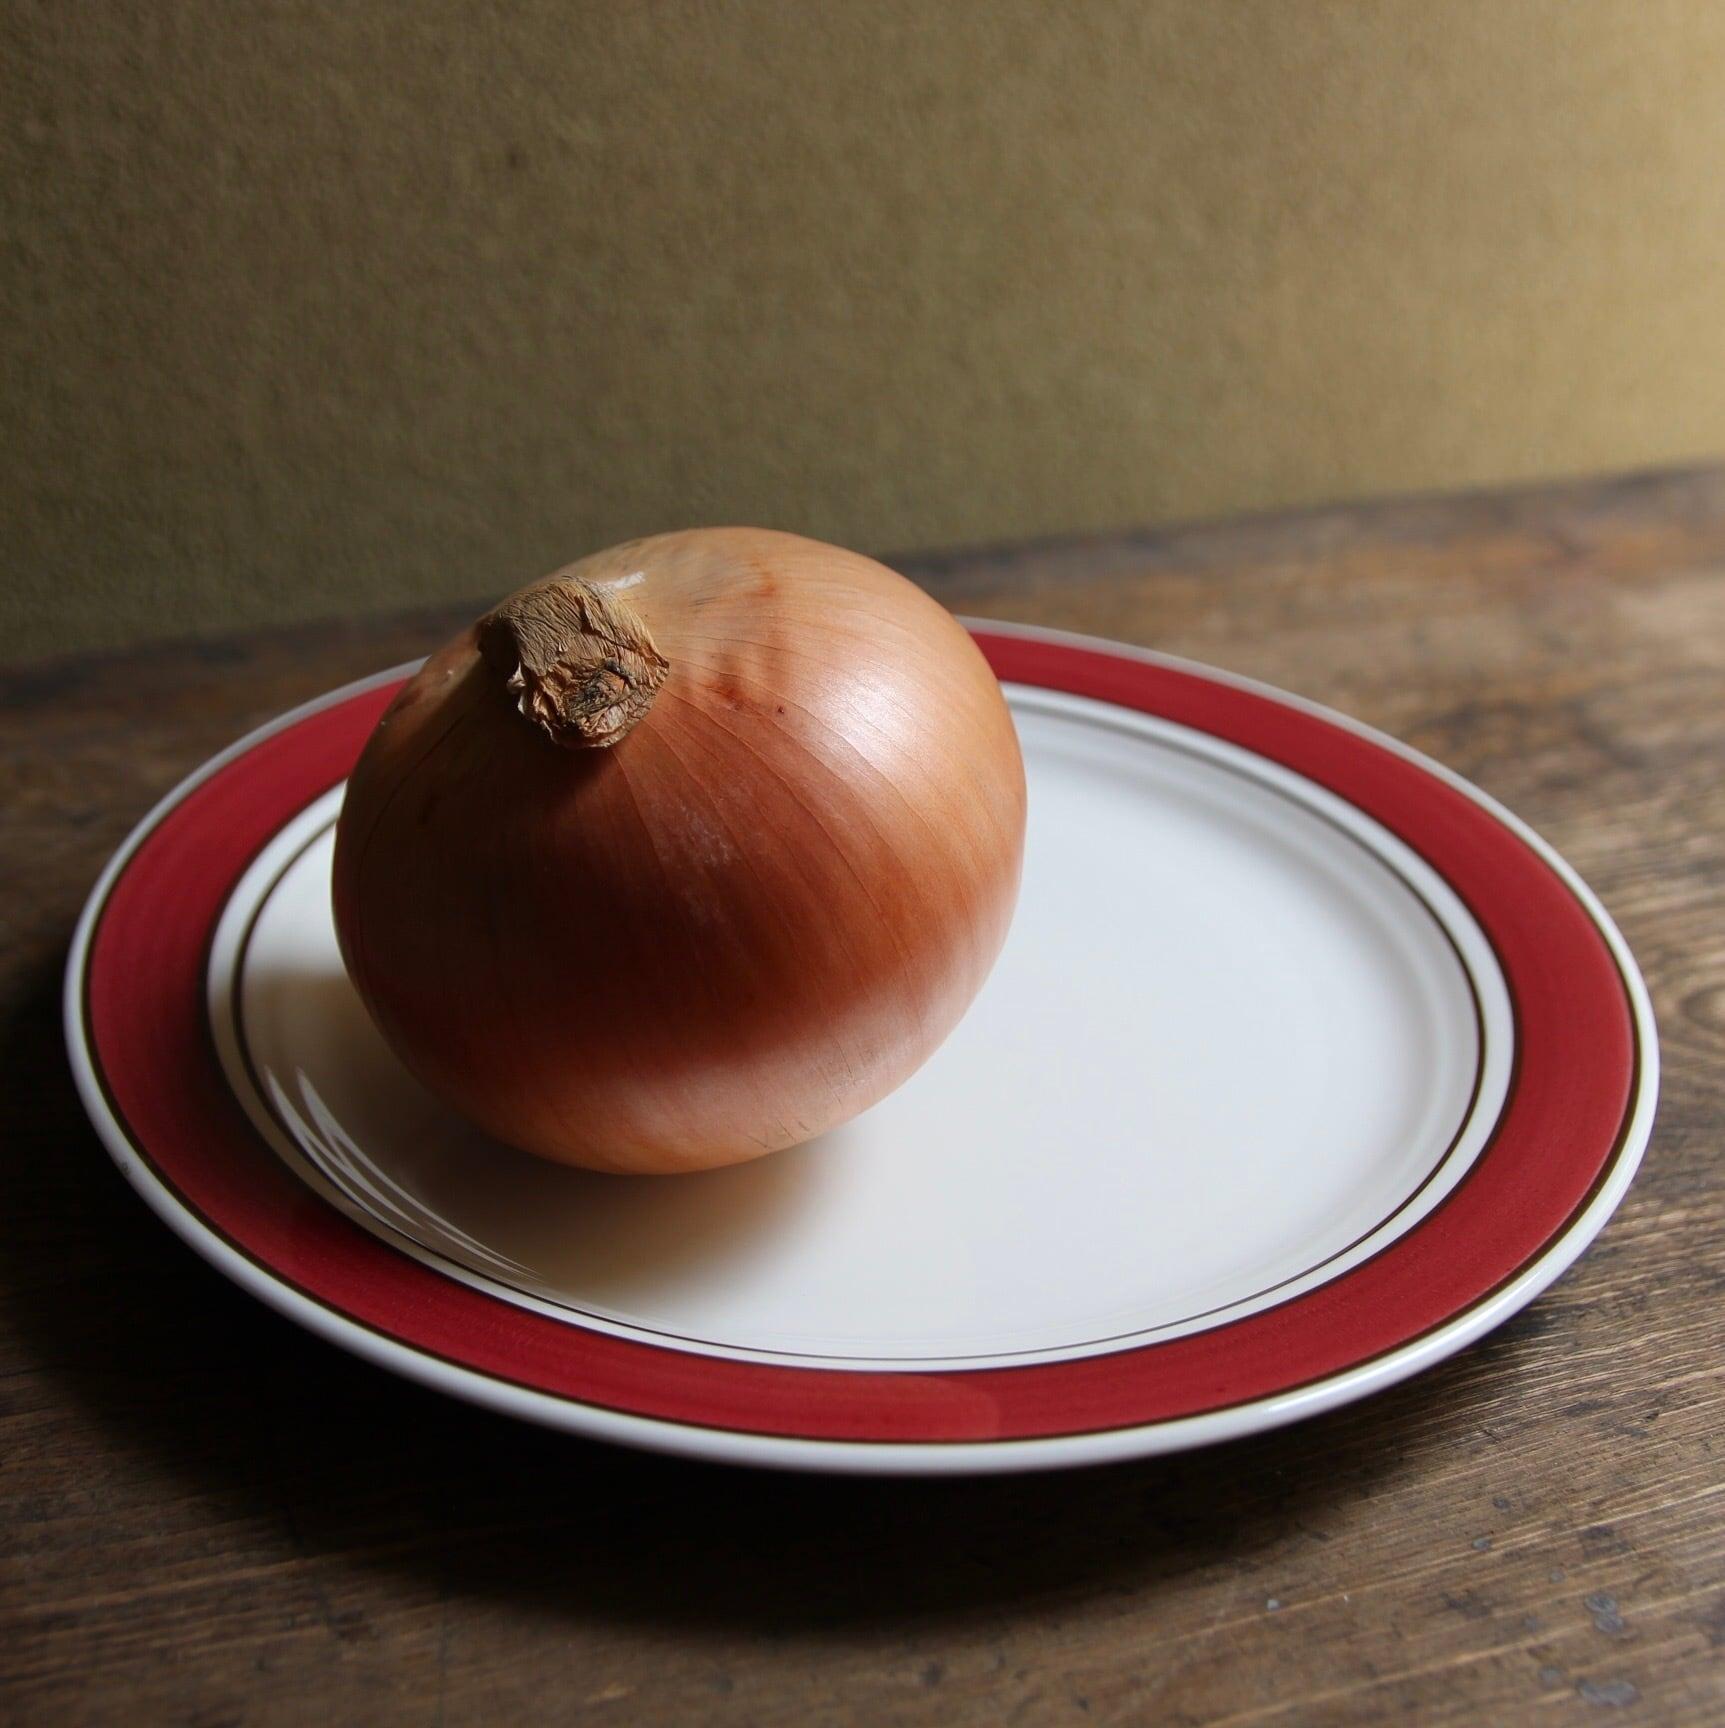 ノリタケ バーサトーン ディナー皿 在庫2枚